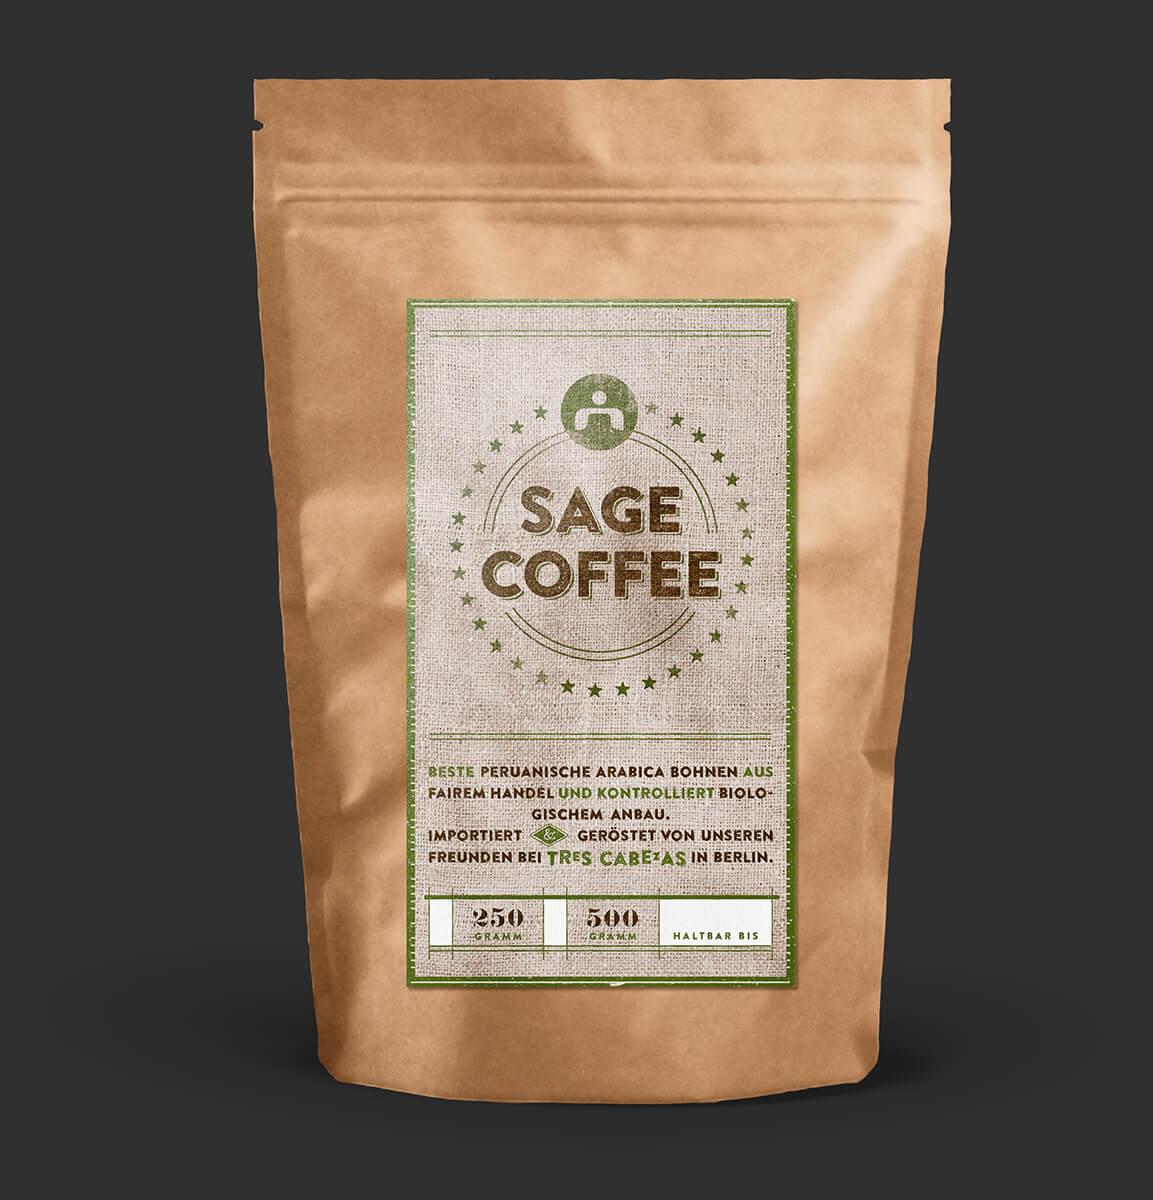 sage_coffee